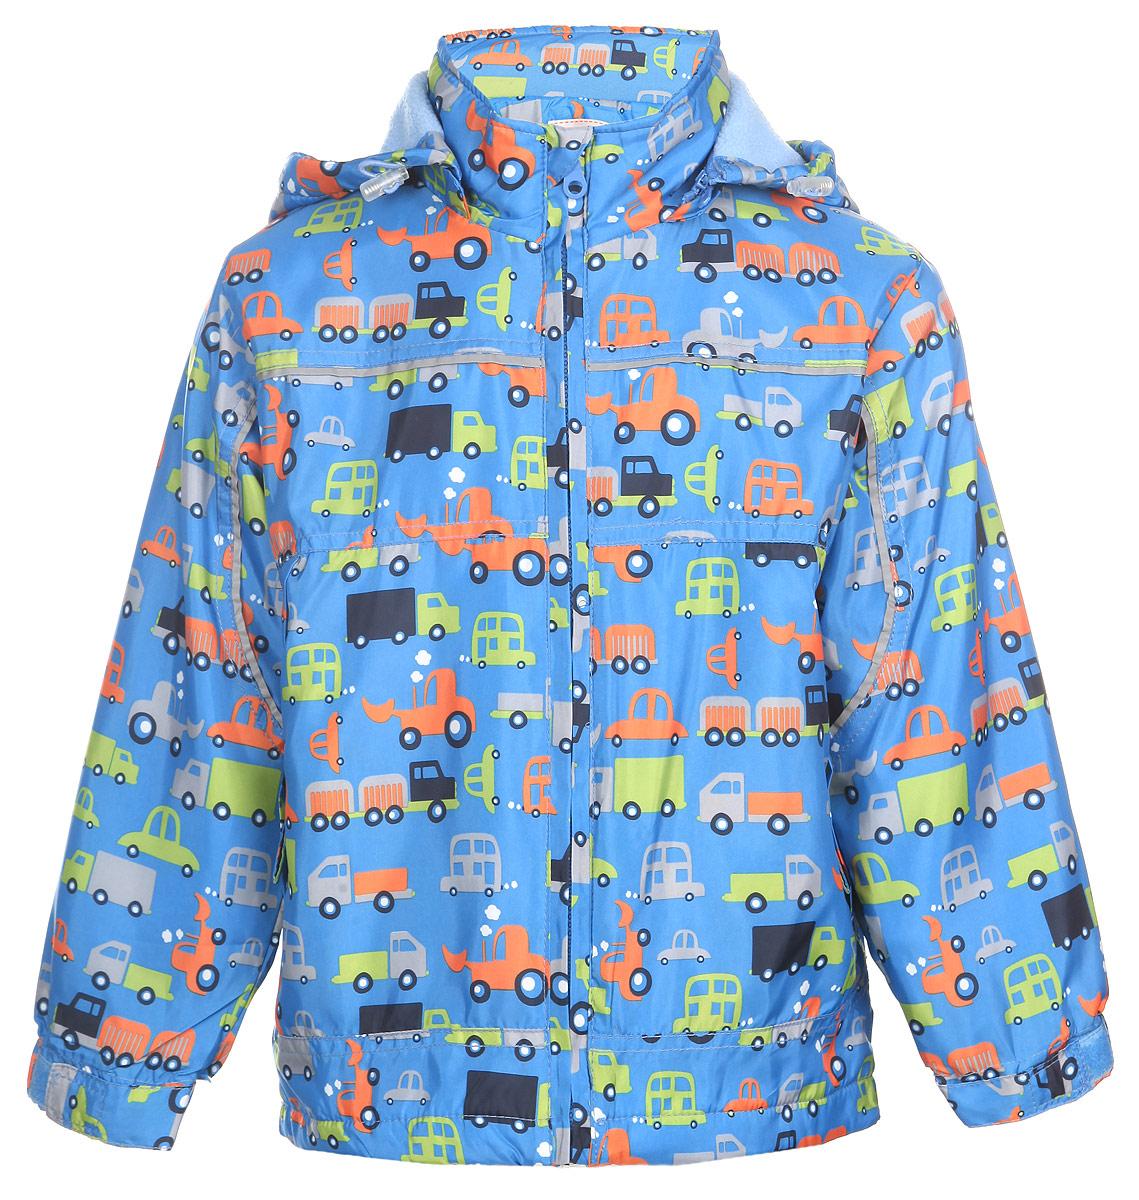 Куртка для мальчика M&D, цвет: голубой. MD111525R-10. Размер 92111525RЯркая куртка для мальчика M&D идеально подойдет для ребенка в прохладное время года. Она выполнена из полиэстера и дополнена мягкой и теплой флисовой подкладкой.Куртка с воротником-стойкой застегивается на удобную застежку-молнию. Съемный капюшон фиксируется при помощи молнии, его объем регулируется при помощи эластичного шнурка со стопперами. Рукава оснащены широкими эластичными резинками, не стягивающими запястья, и хлястиками на липучках. Низ модели дополнен скрытым эластичным шнурком со стопперами. По бокам курточка дополнена двумя втачными кармашками на застежках-молниях. Изделие оформлено красочным принтом с изображением автомобилей и дополнена светоотражающими полосками. В такой куртке ваш маленький мужчина будет чувствовать себя комфортно, уютно и всегда будет в центре внимания!